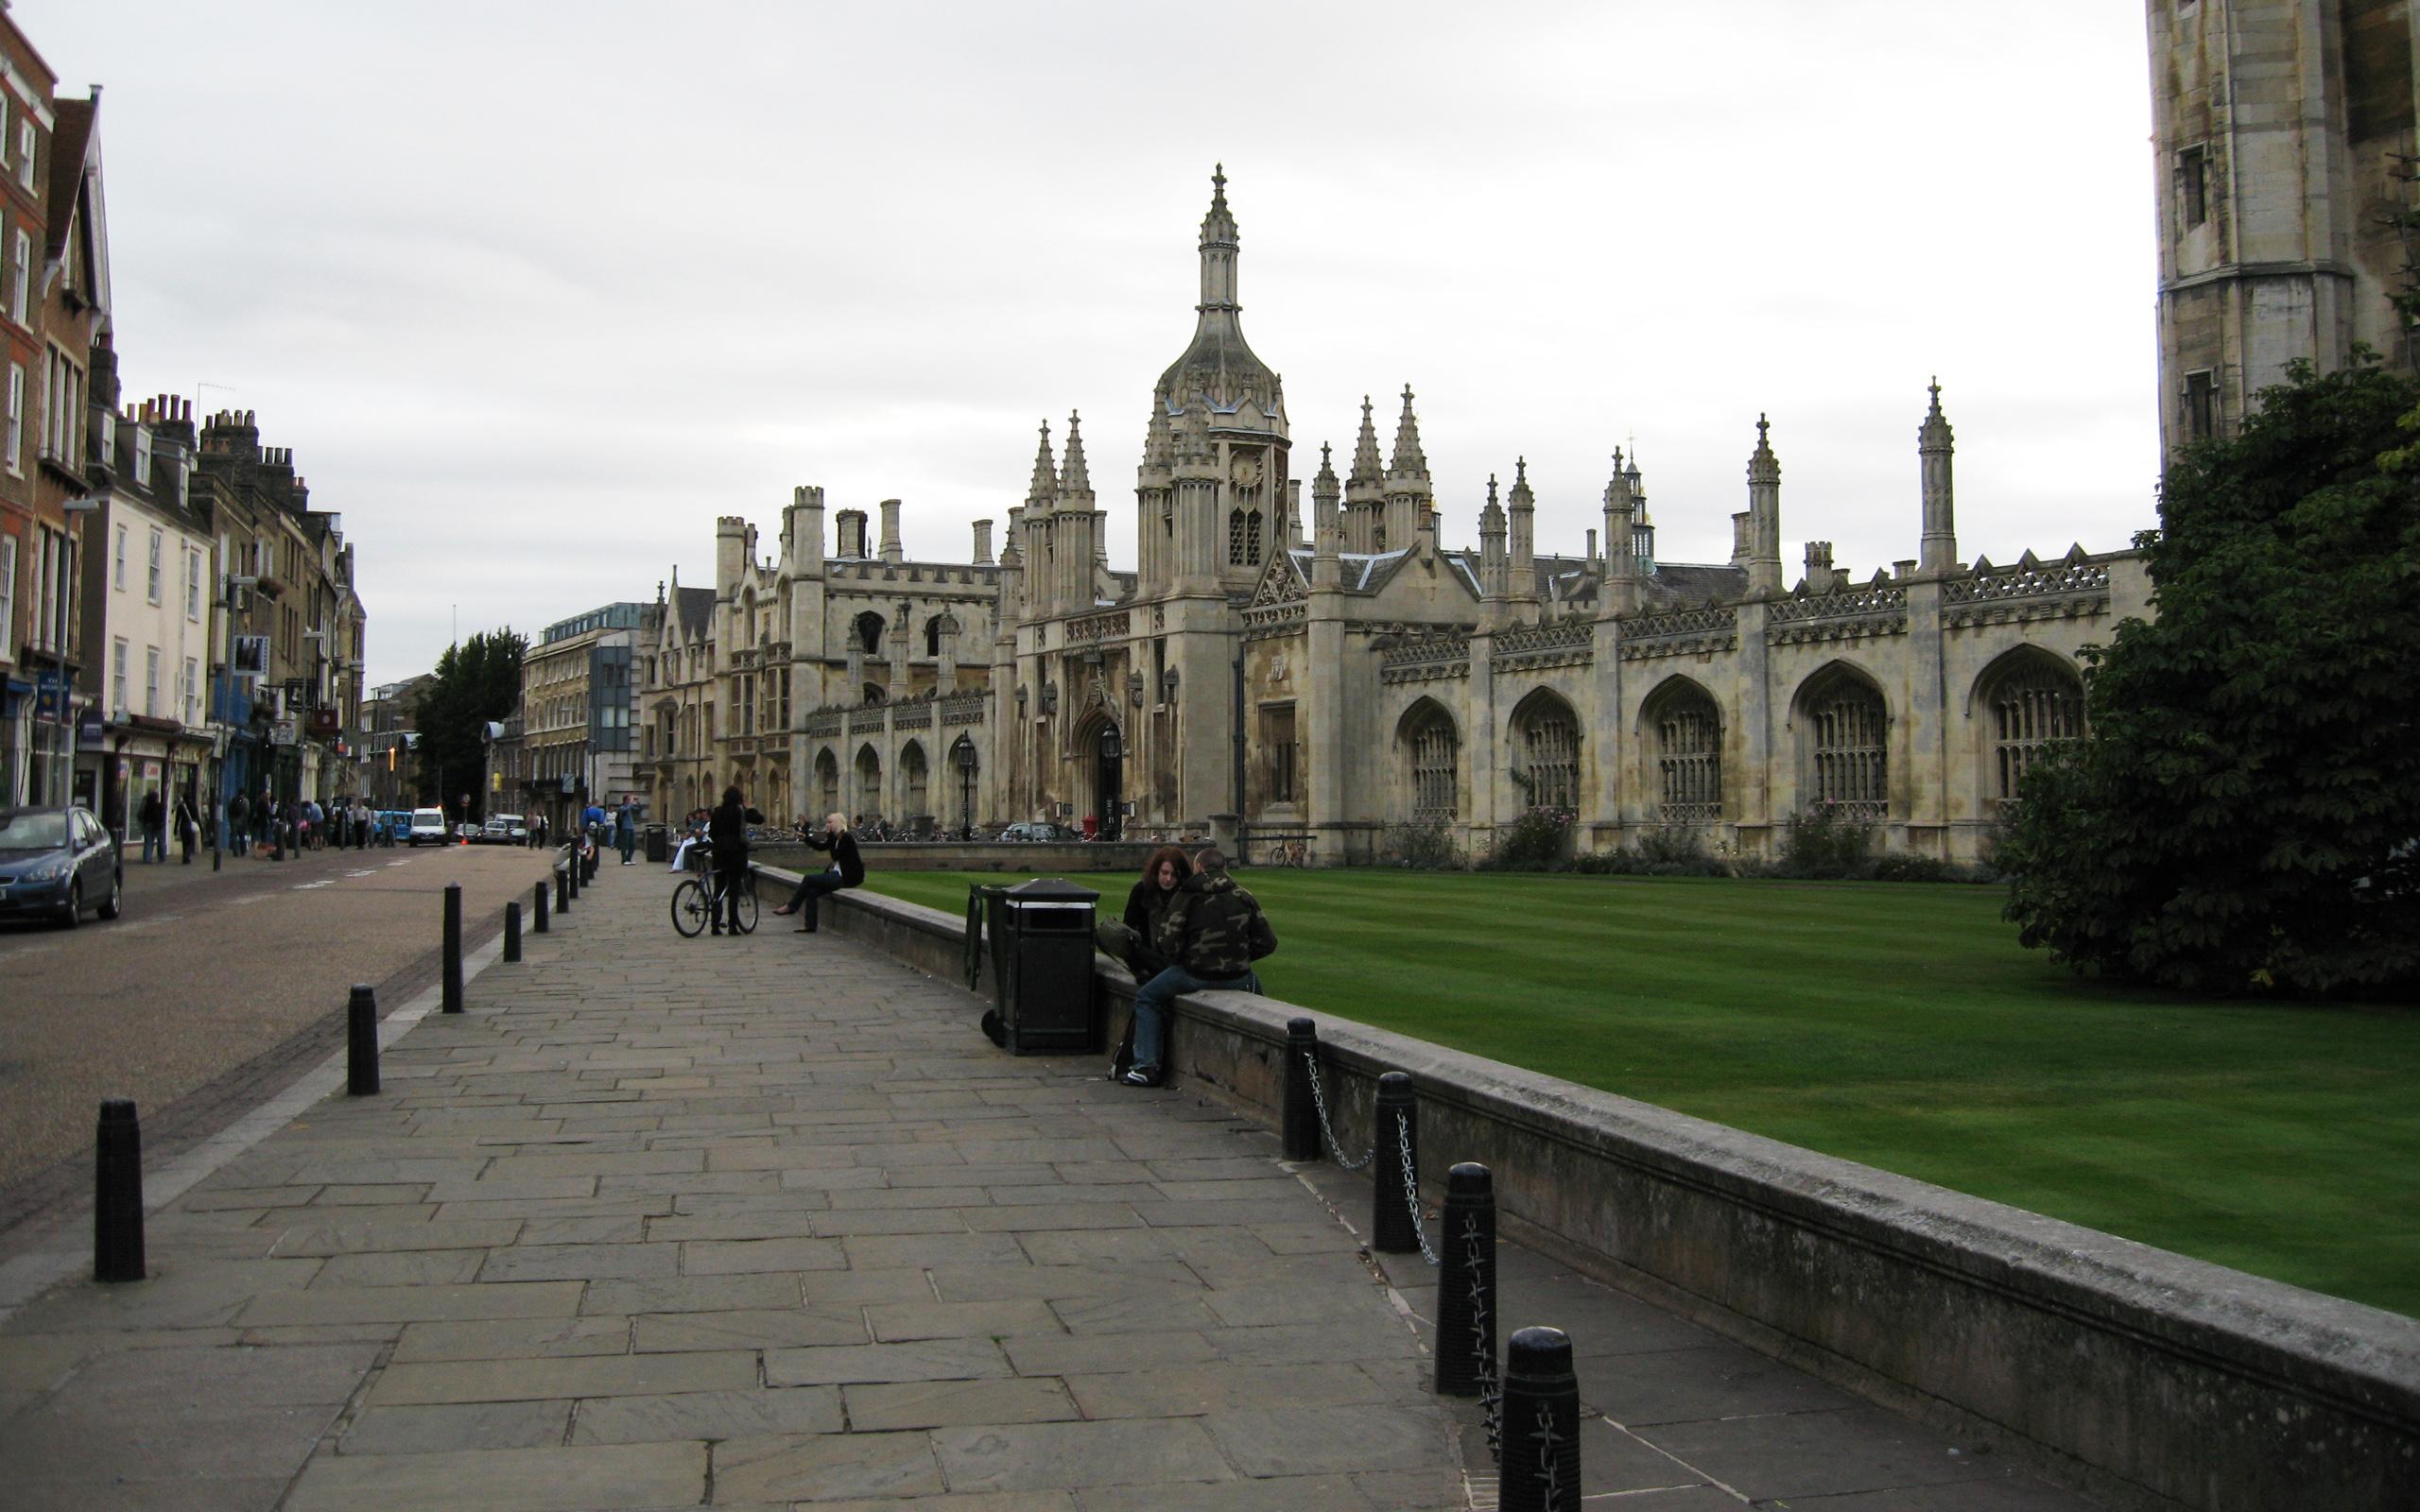 PTSG goes to Cambridge University